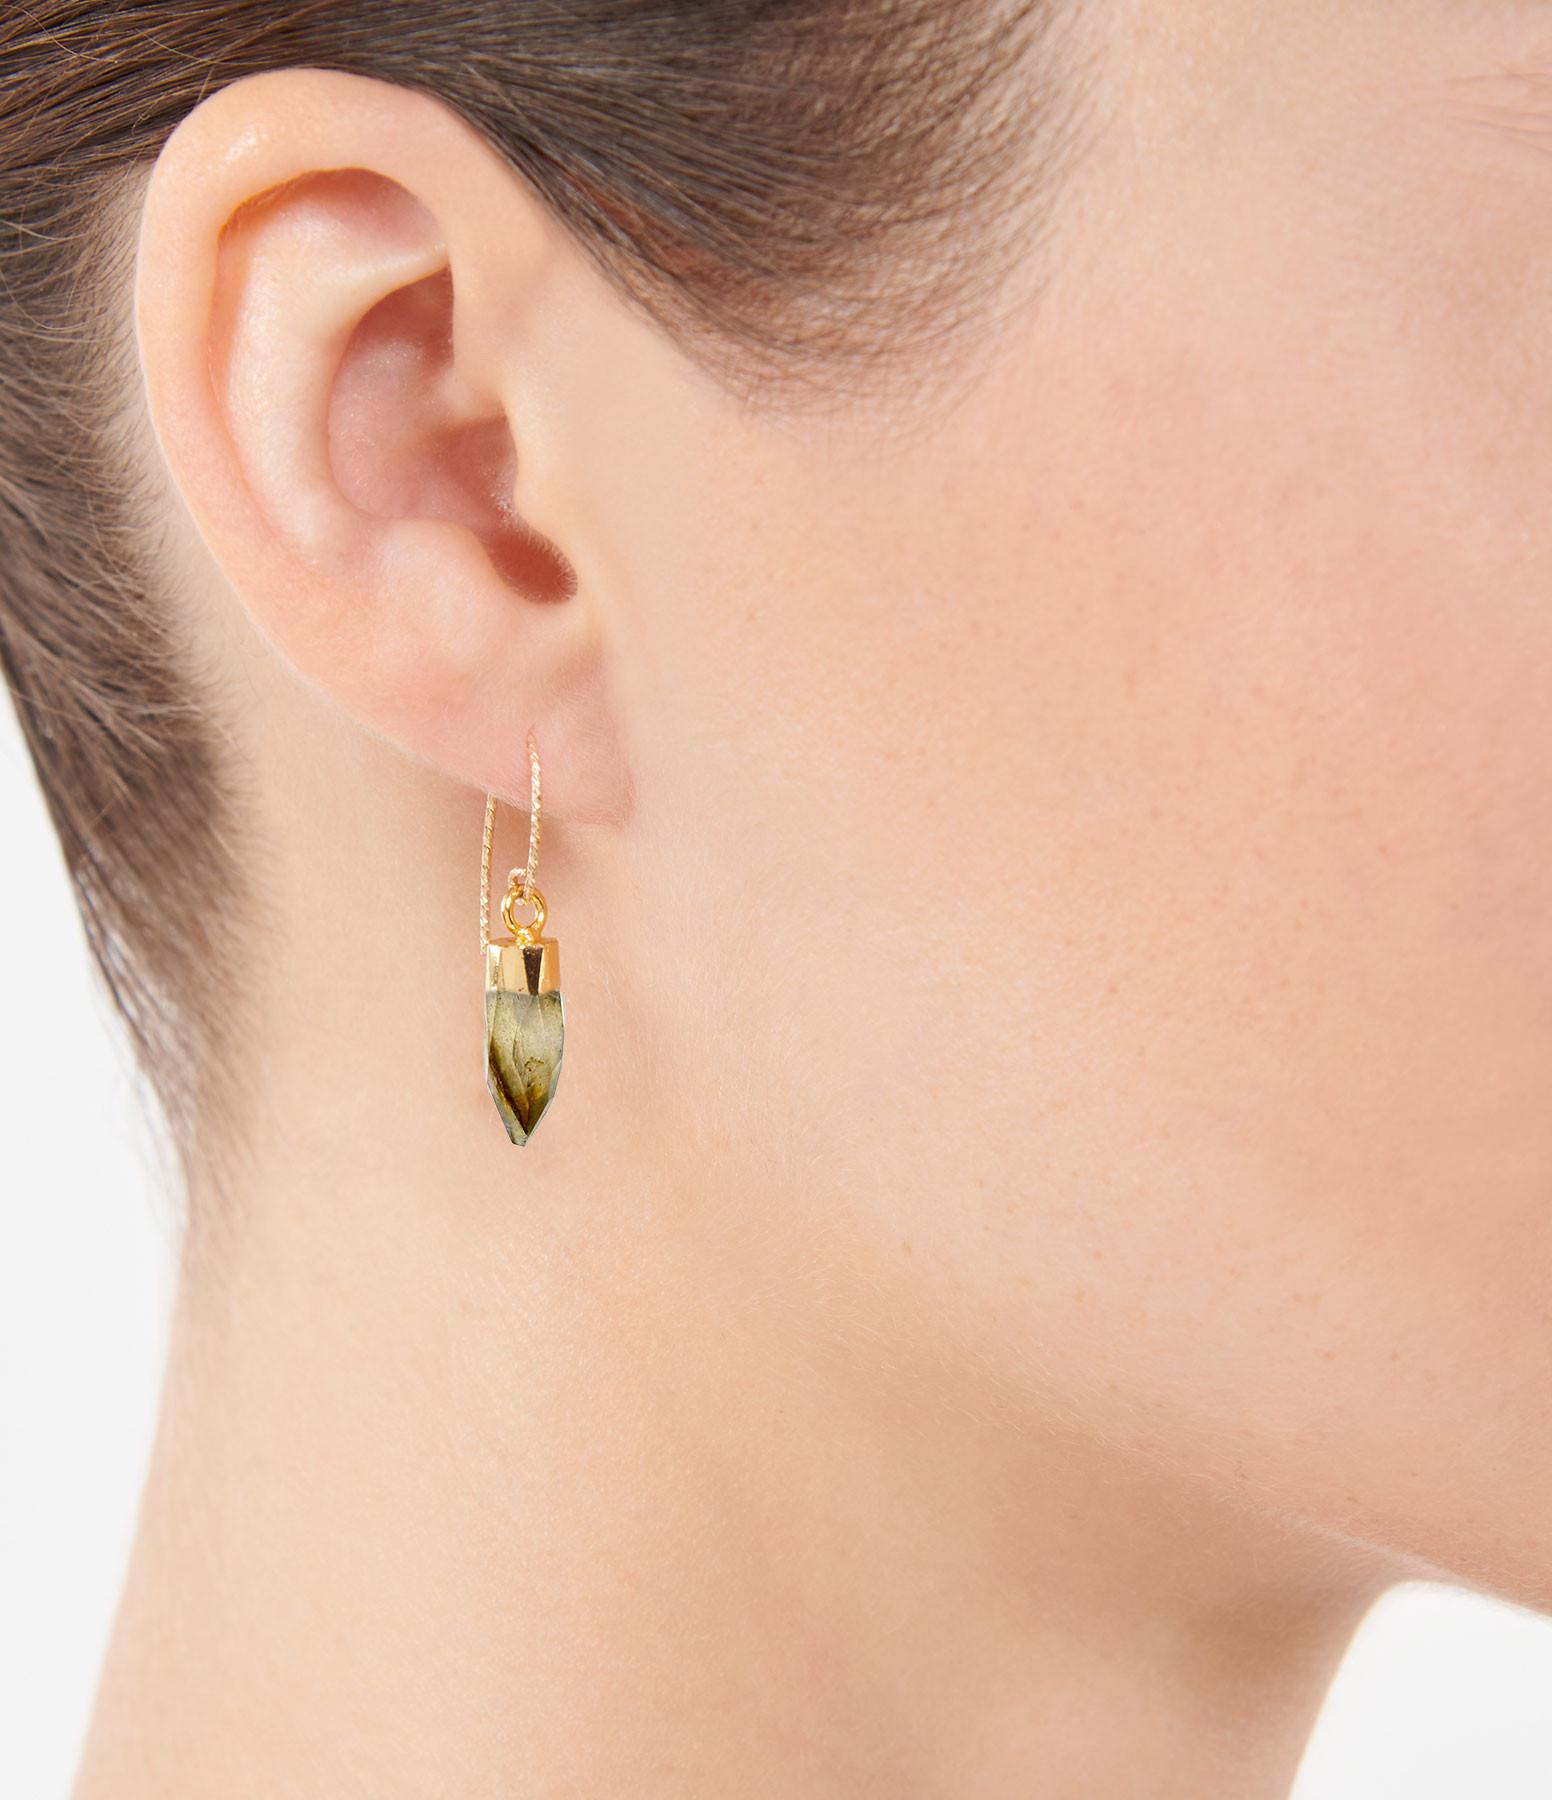 MON PRECIEUX GEM - Boucle d'oreille Rocher Roucas Labradorite (vendue à l'unité)